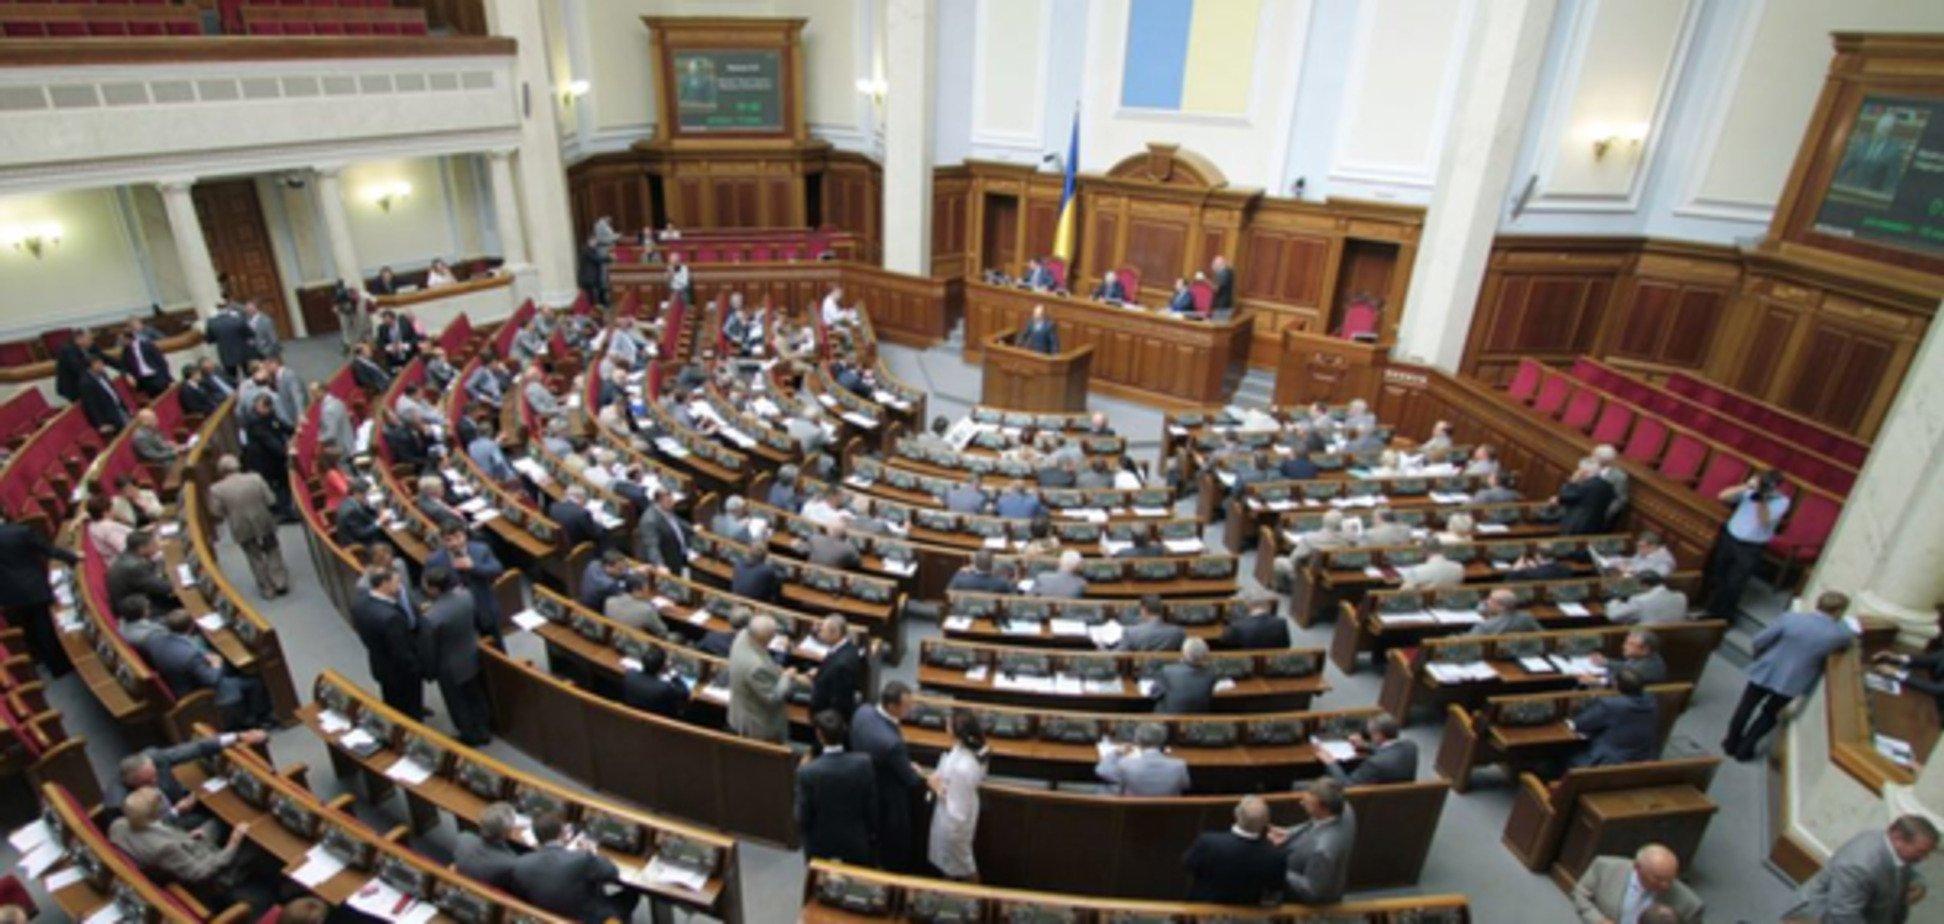 Янукович нападе: Парубій назвав ряд причин, чому розвалу коаліції не буде